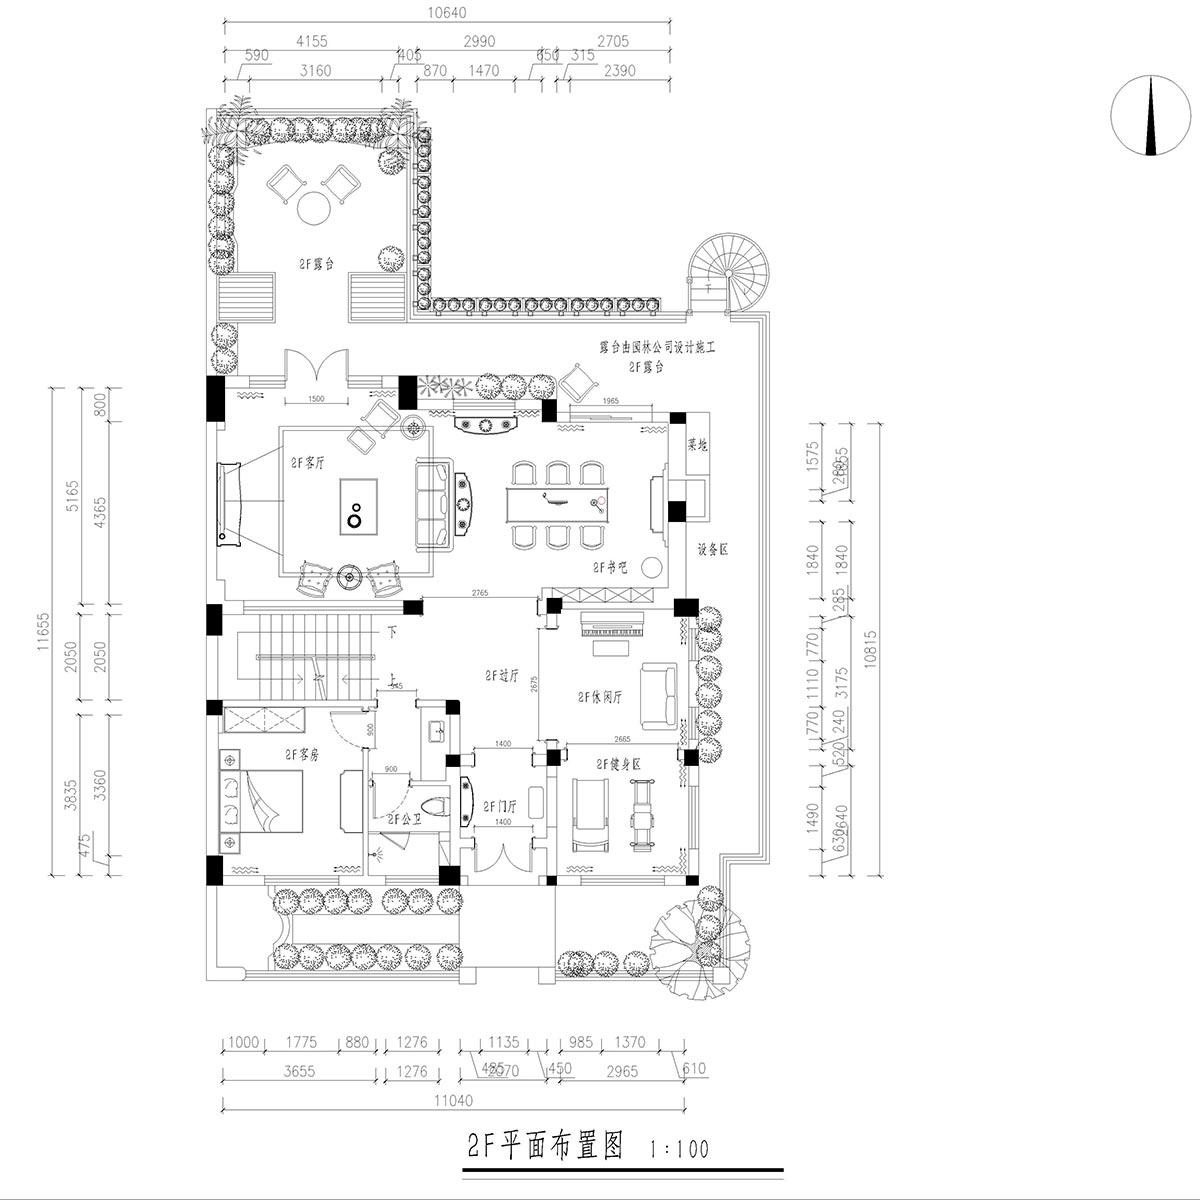 美式风格装修效果图丨麓山国际圣安德鲁480㎡别墅装修案例装修设计理念